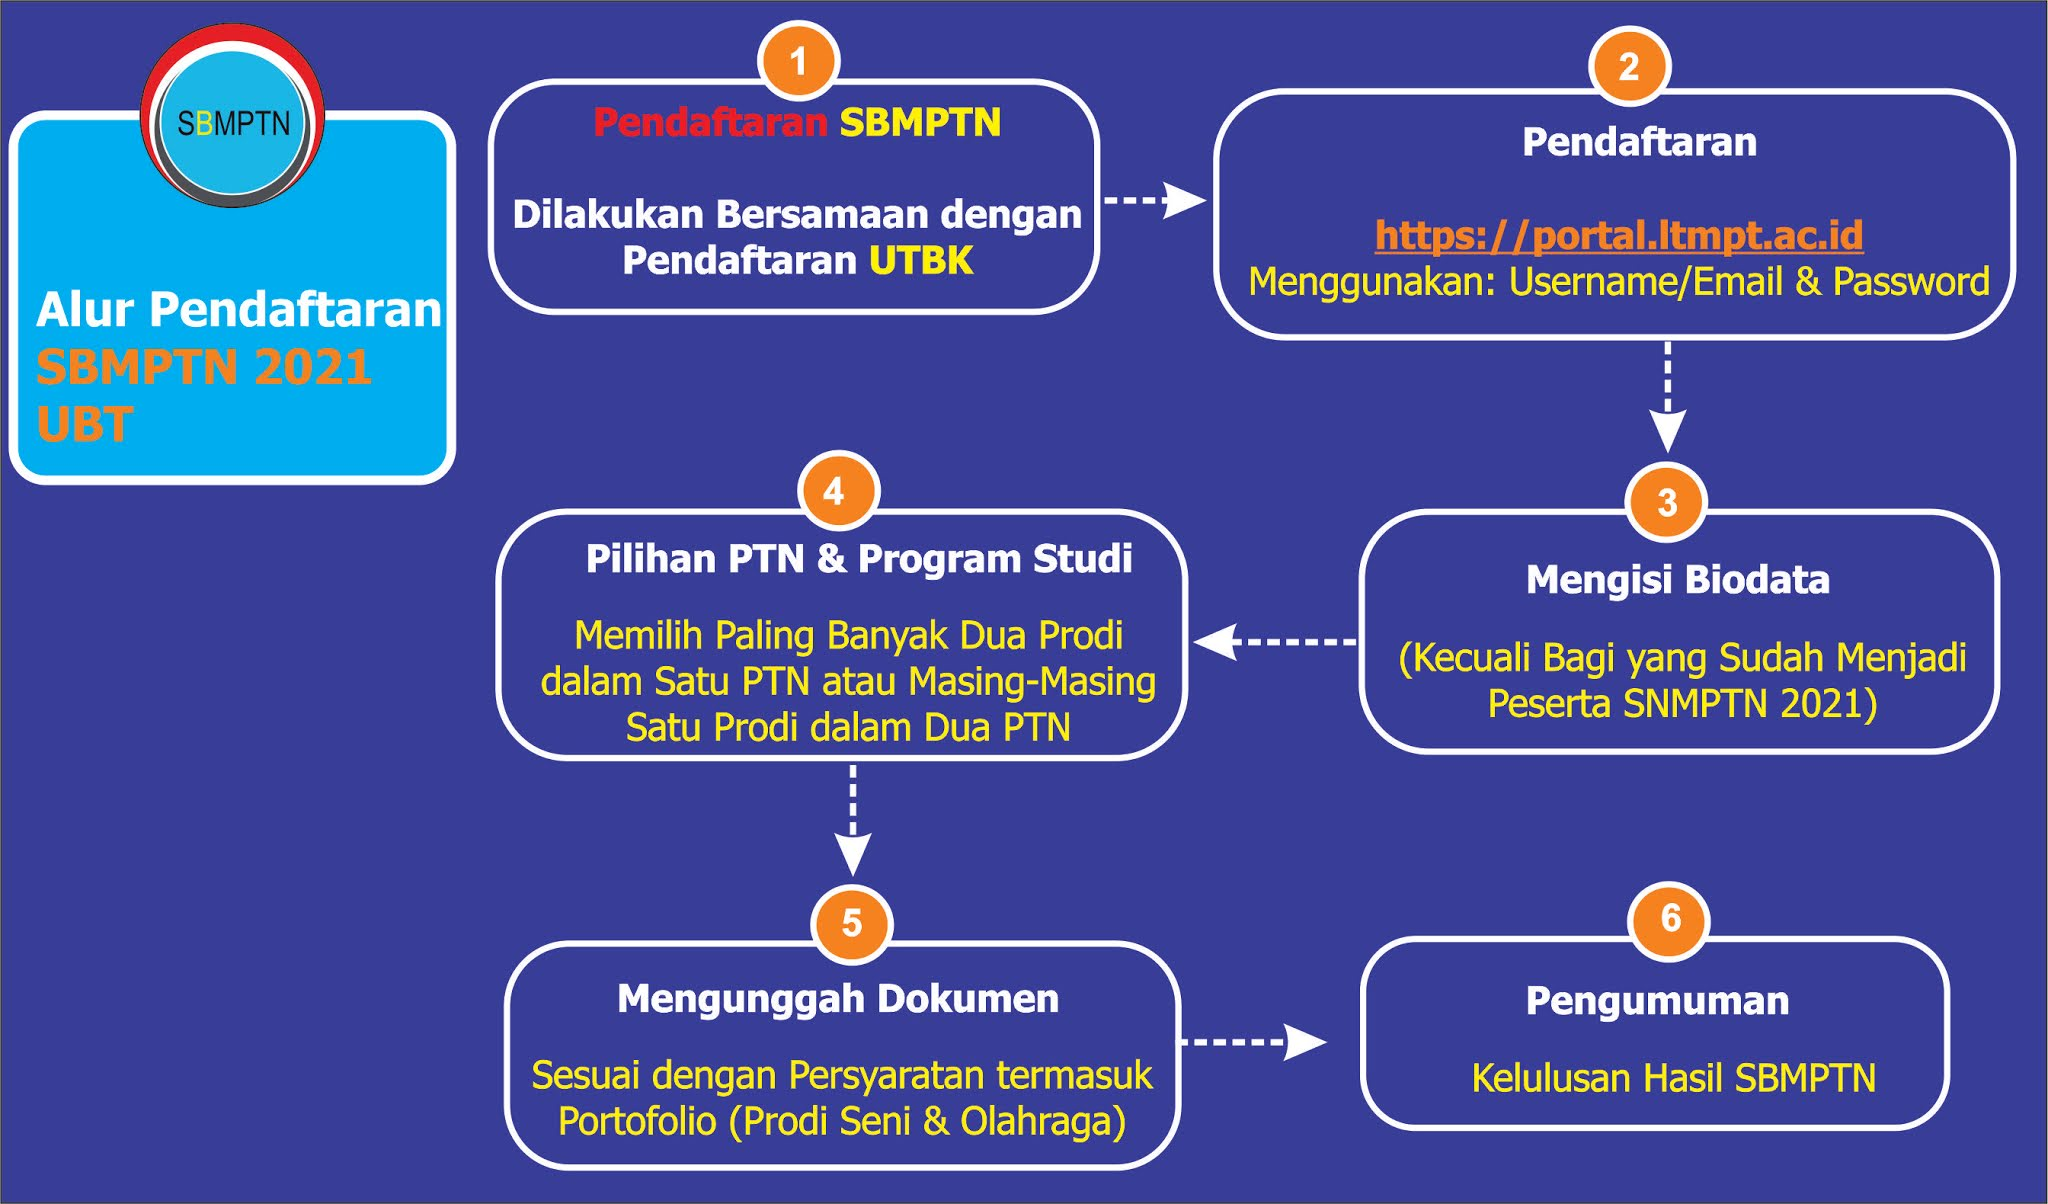 Pendaftaran Online Univ Borneo Ubt D3 S1 S2 T A 2021 2022 Pendaftaran Mahasiswa